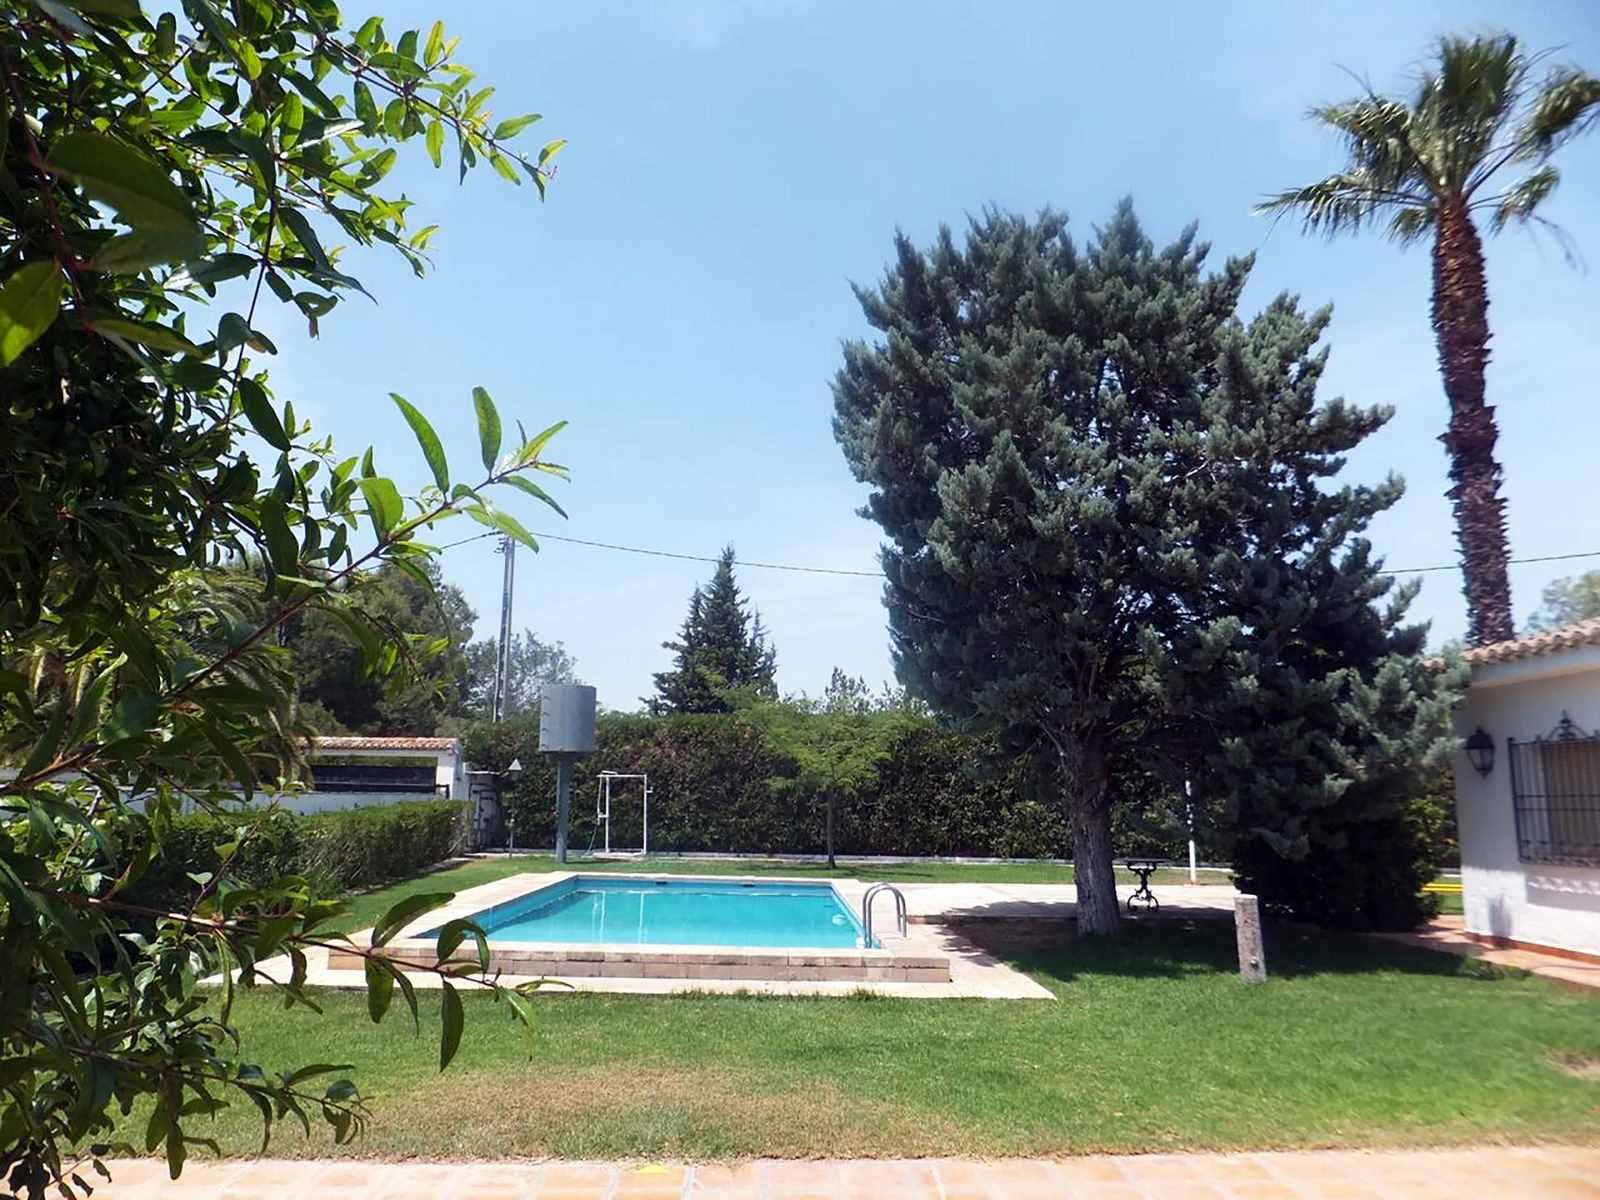 Alquiler vacaciones en Godelleta, Valencia